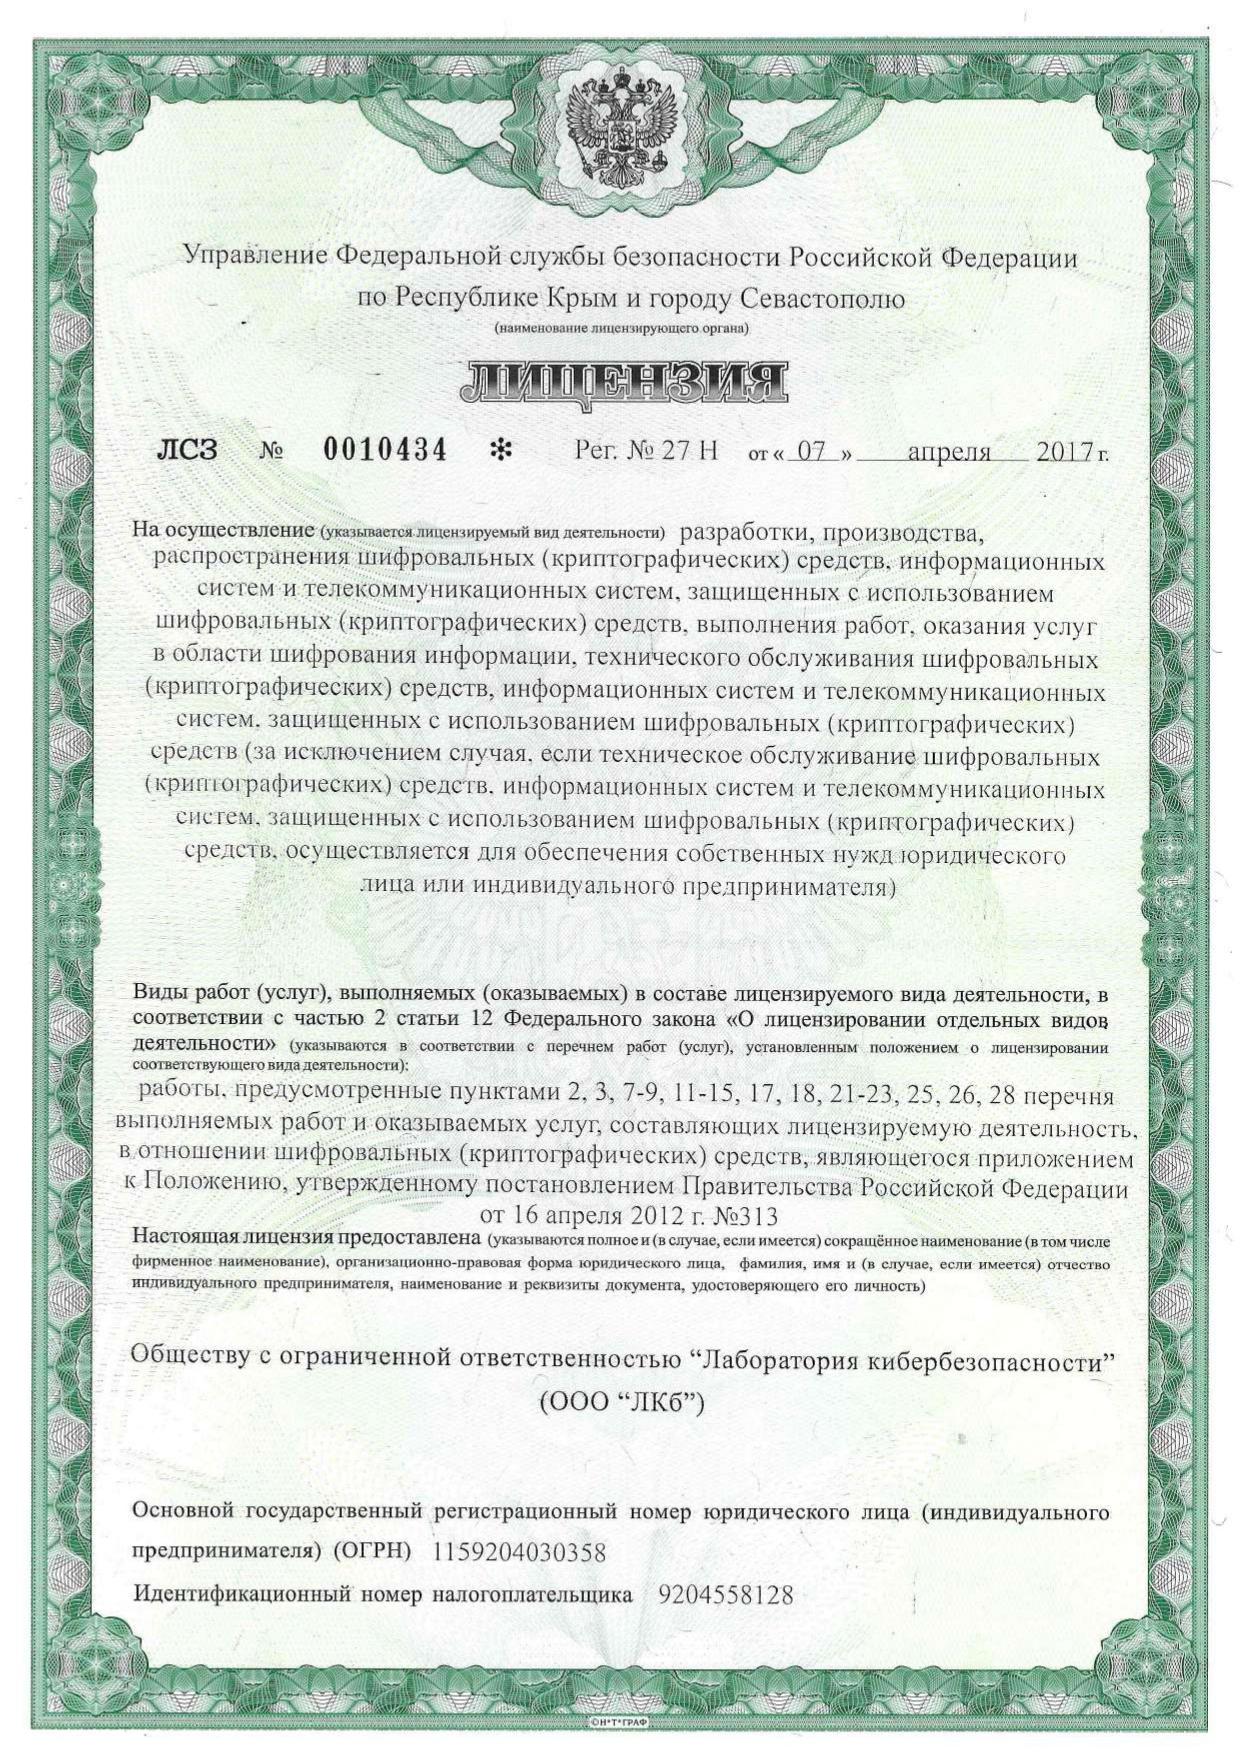 Лаборатория Кибербезопасности получила лицензию УФСБ РФ по Республике Крым и г.Севастополю на разработку, производство и распространение шифровальных информационных систем